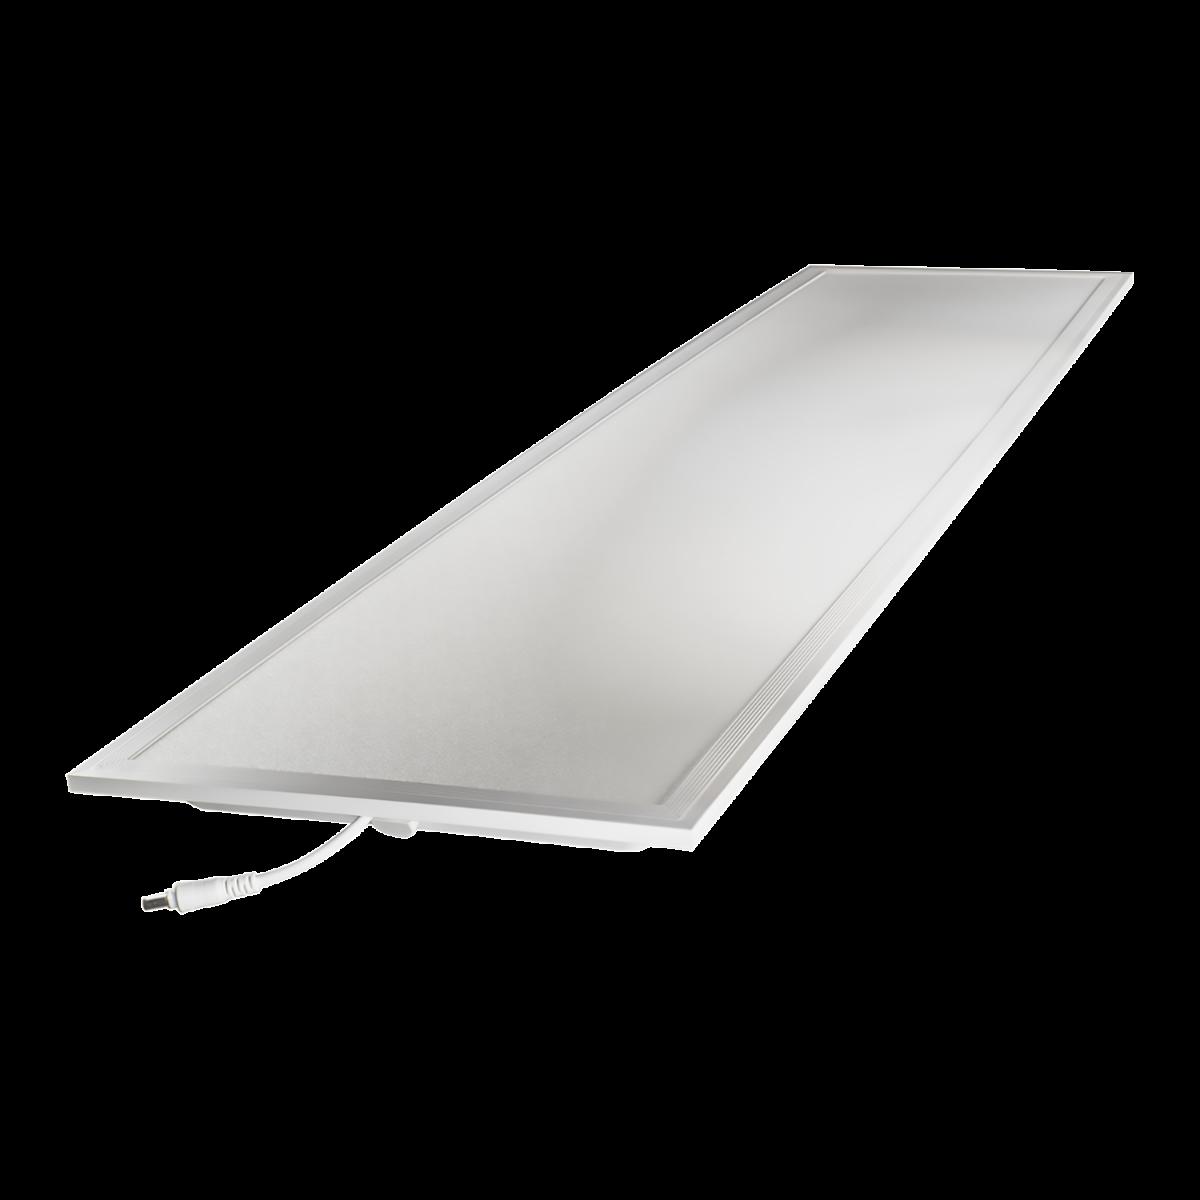 Noxion LED Panel Delta Pro Highlum V2.0 40W 30x120cm 6500K 5480lm UGR <19